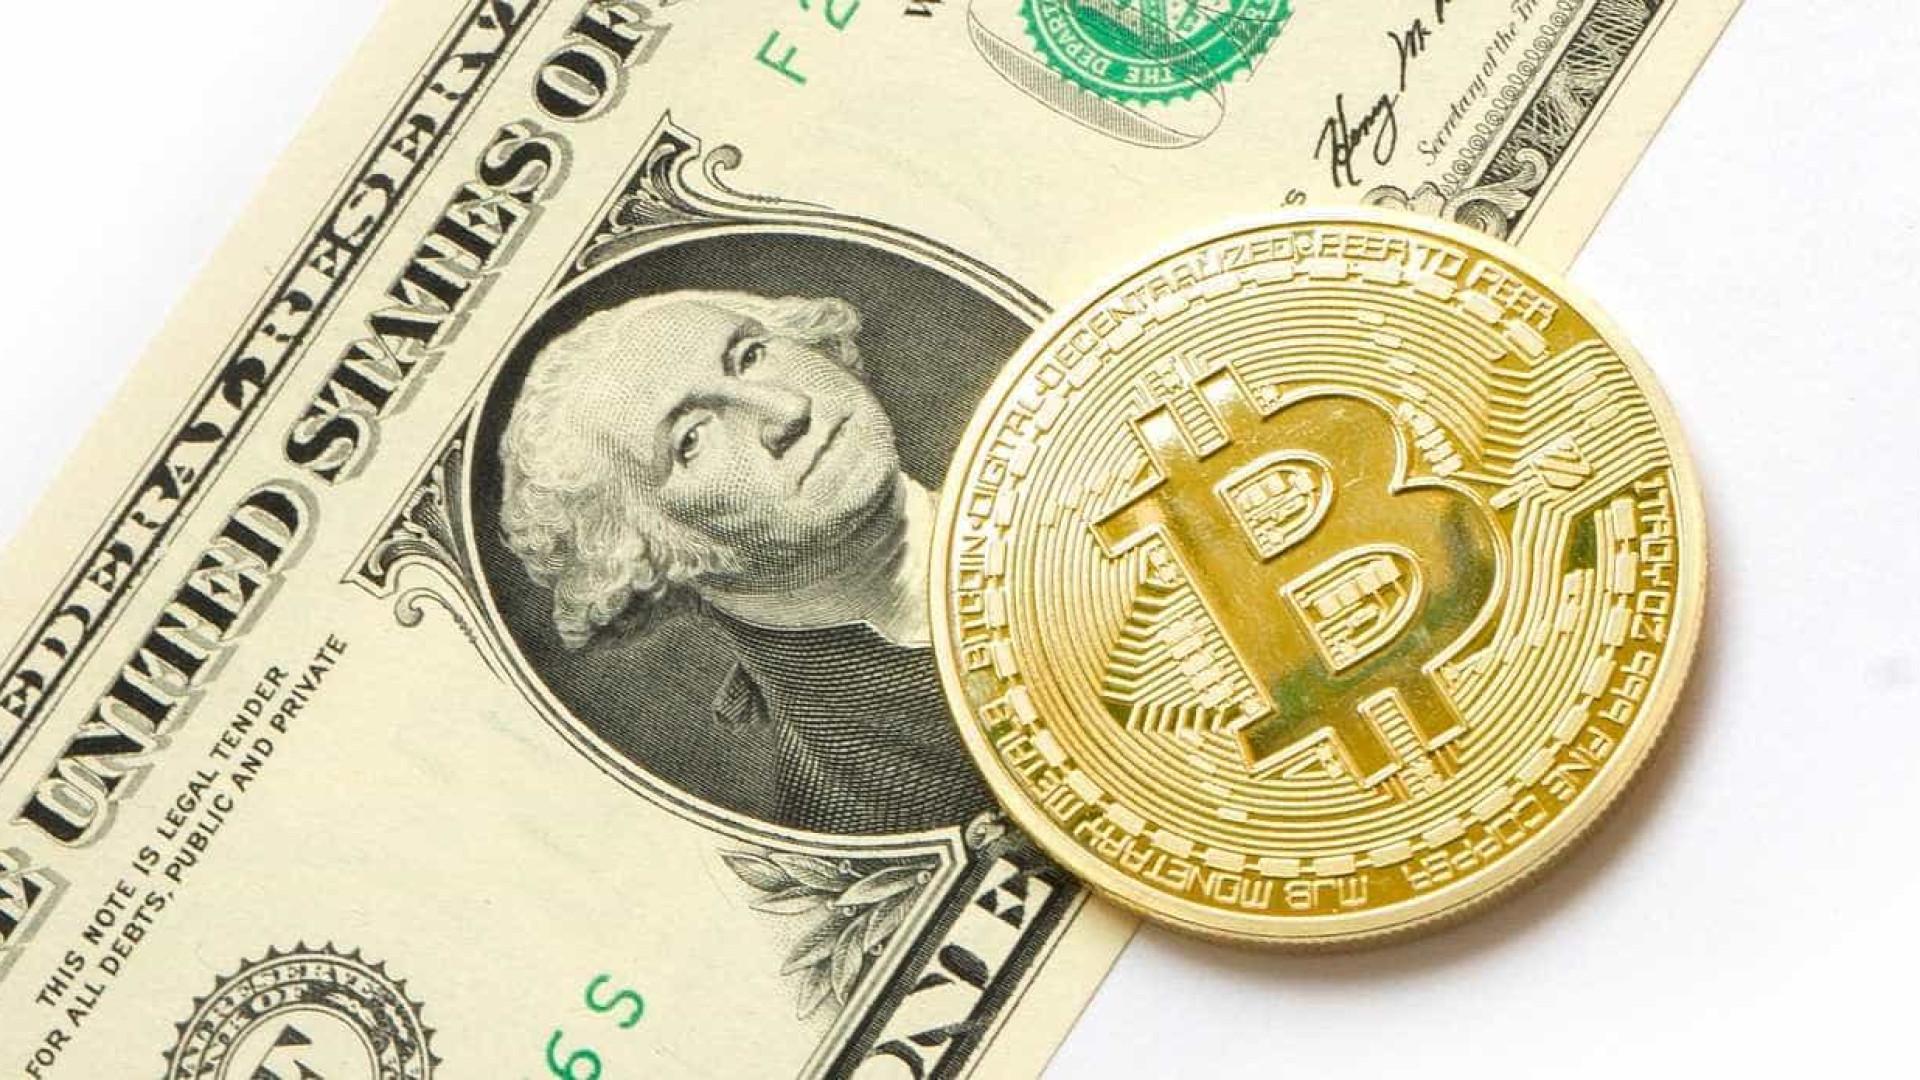 Twitter promete resolver fraudes com moedas virtuais